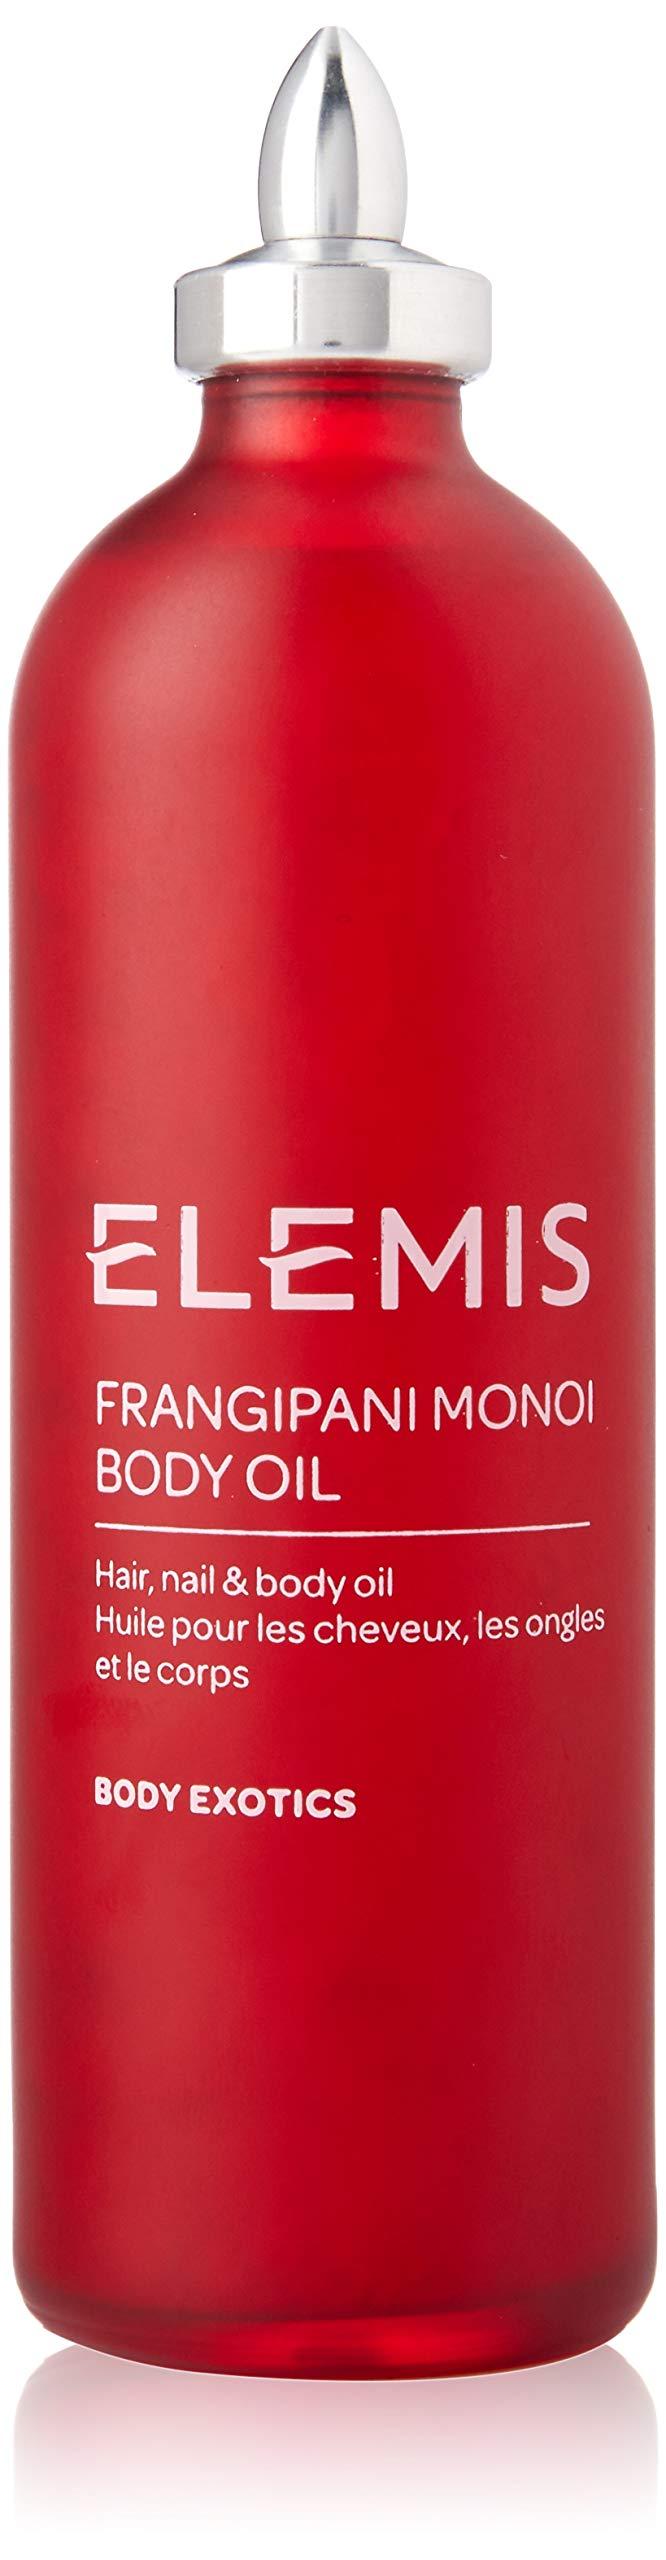 ELEMIS Frangipani Monoi Body Oil - Hair, Nail, and Body Oil, 3.3 fl. oz.